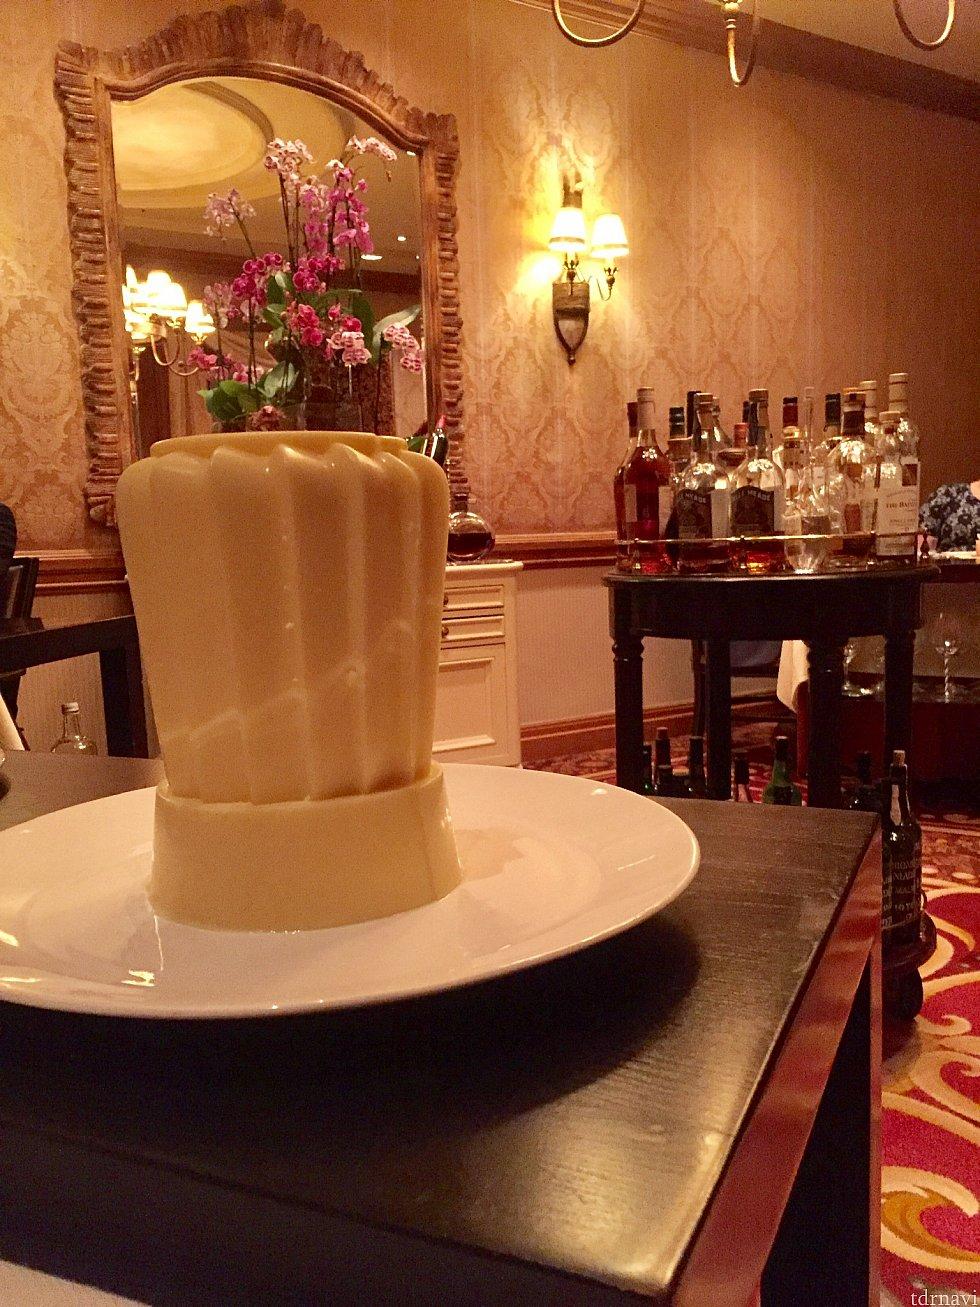 食事中、3種類のブレッドサービスがあり、それぞれ違うバターが用意されます。最初のバターはシェフ帽の形。